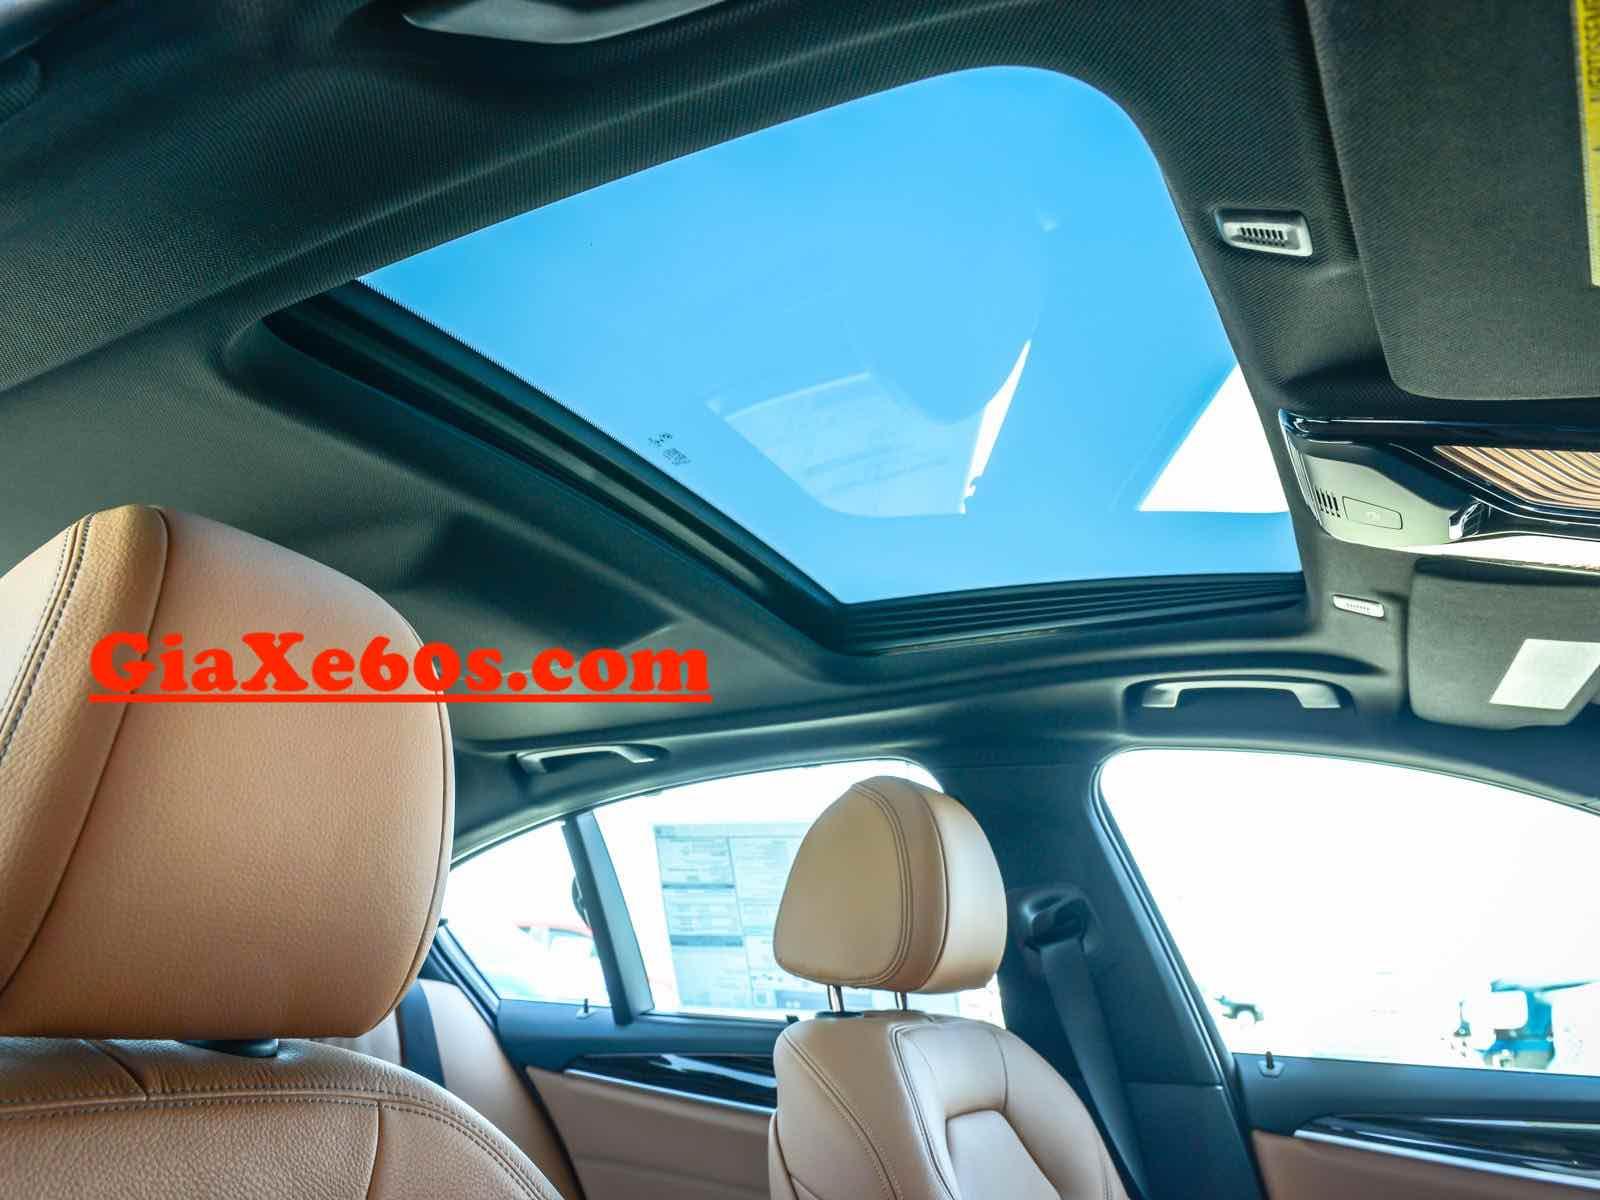 GIÁ XE BMW 5 SERIES 530i ĐỜI MỚI NHẤT MODEL 2019 TẠI VIỆT NAM